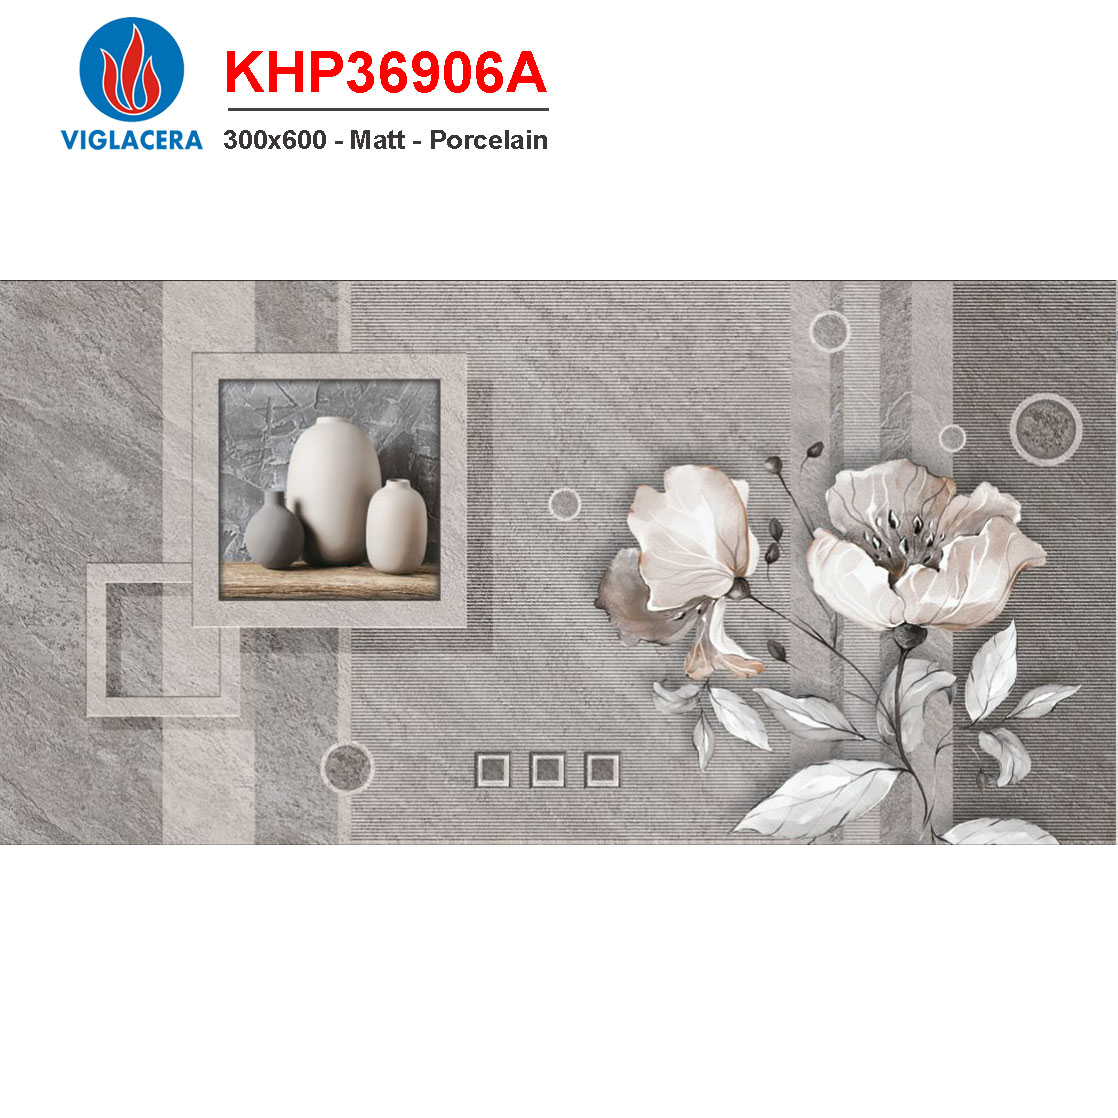 Gạch điểm 300x600 Viglacera KHP36906A giá rẻ